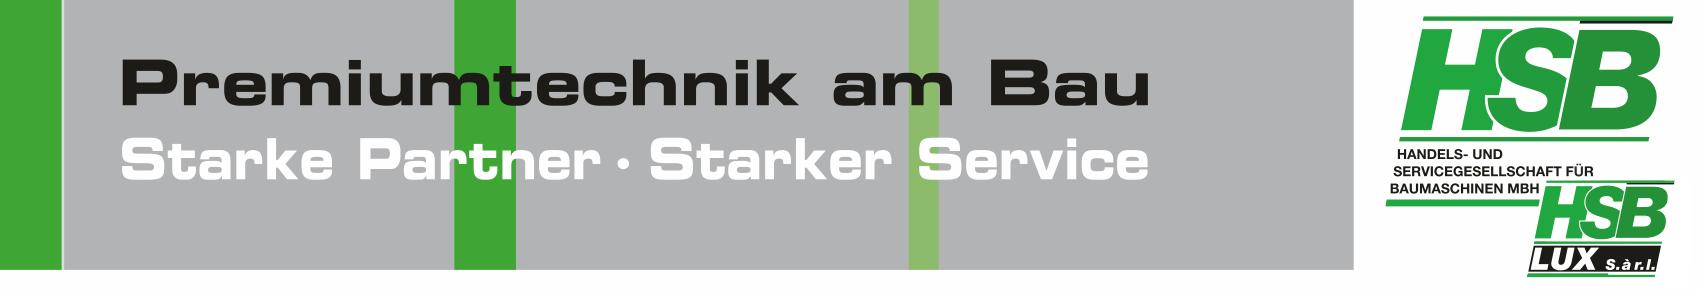 HSB Handels- und Servicegesellschaft für Baumaschinen mbH